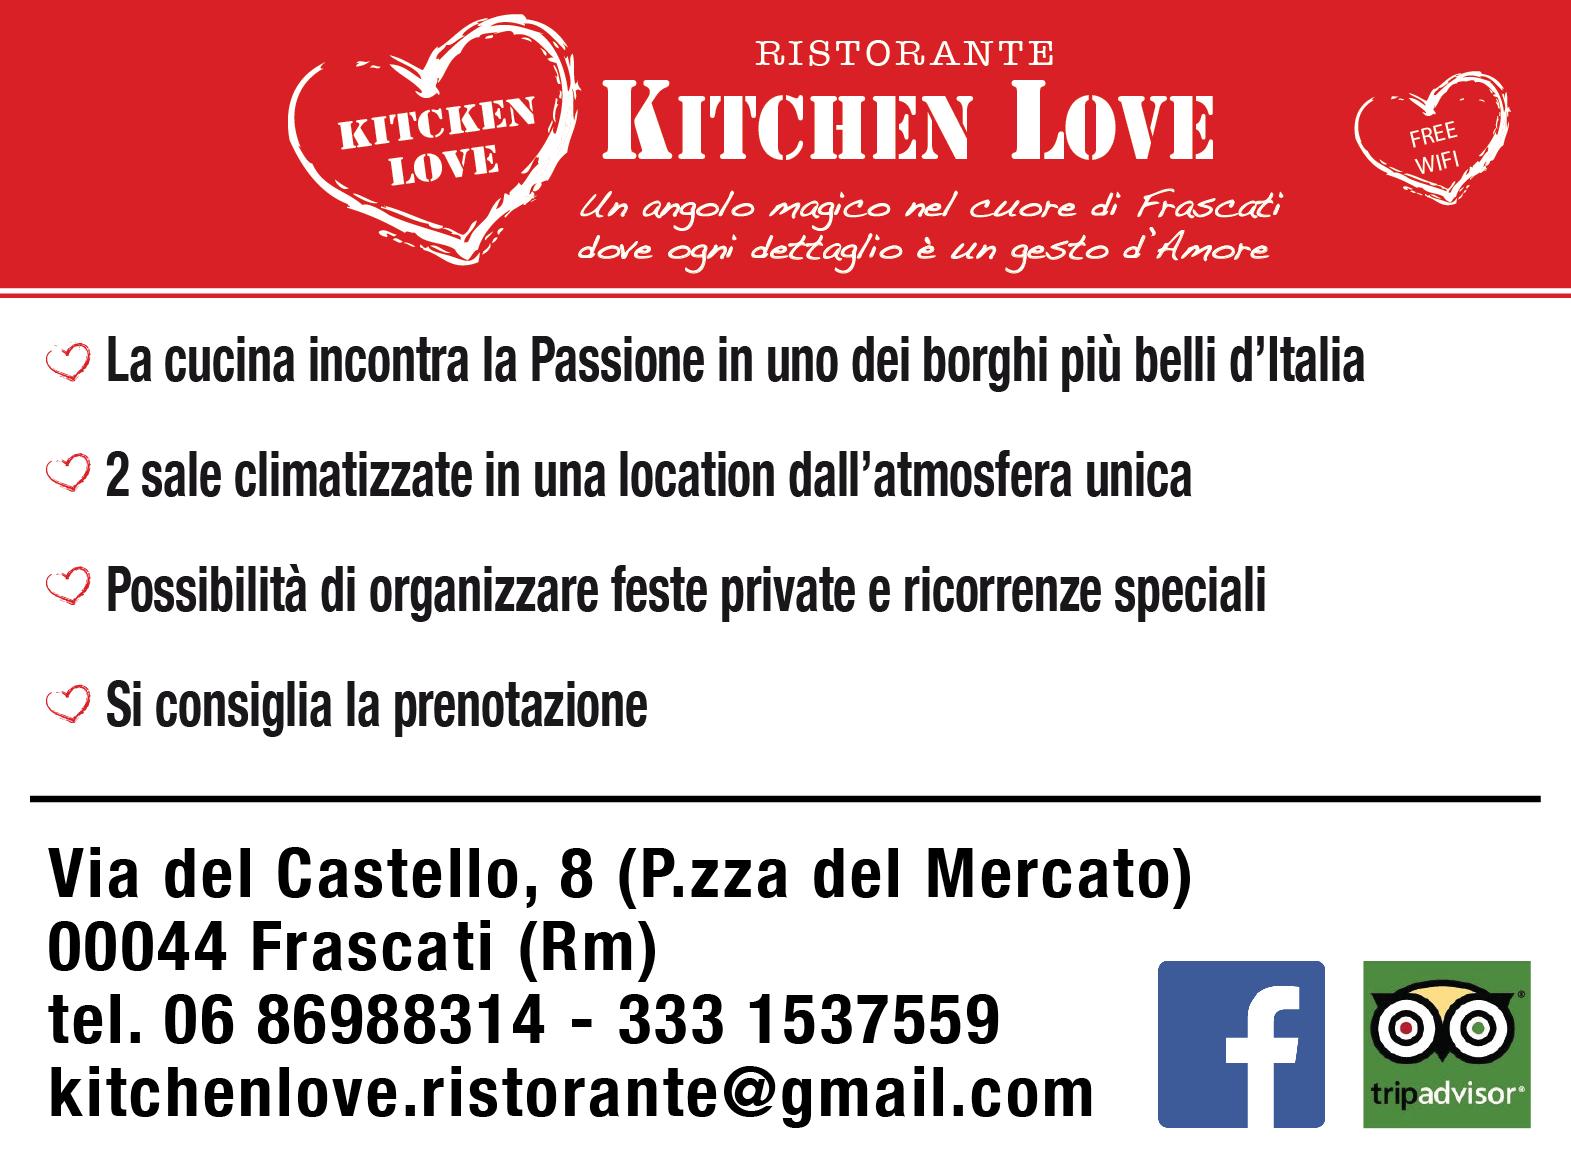 kitchen-love-266x110-01